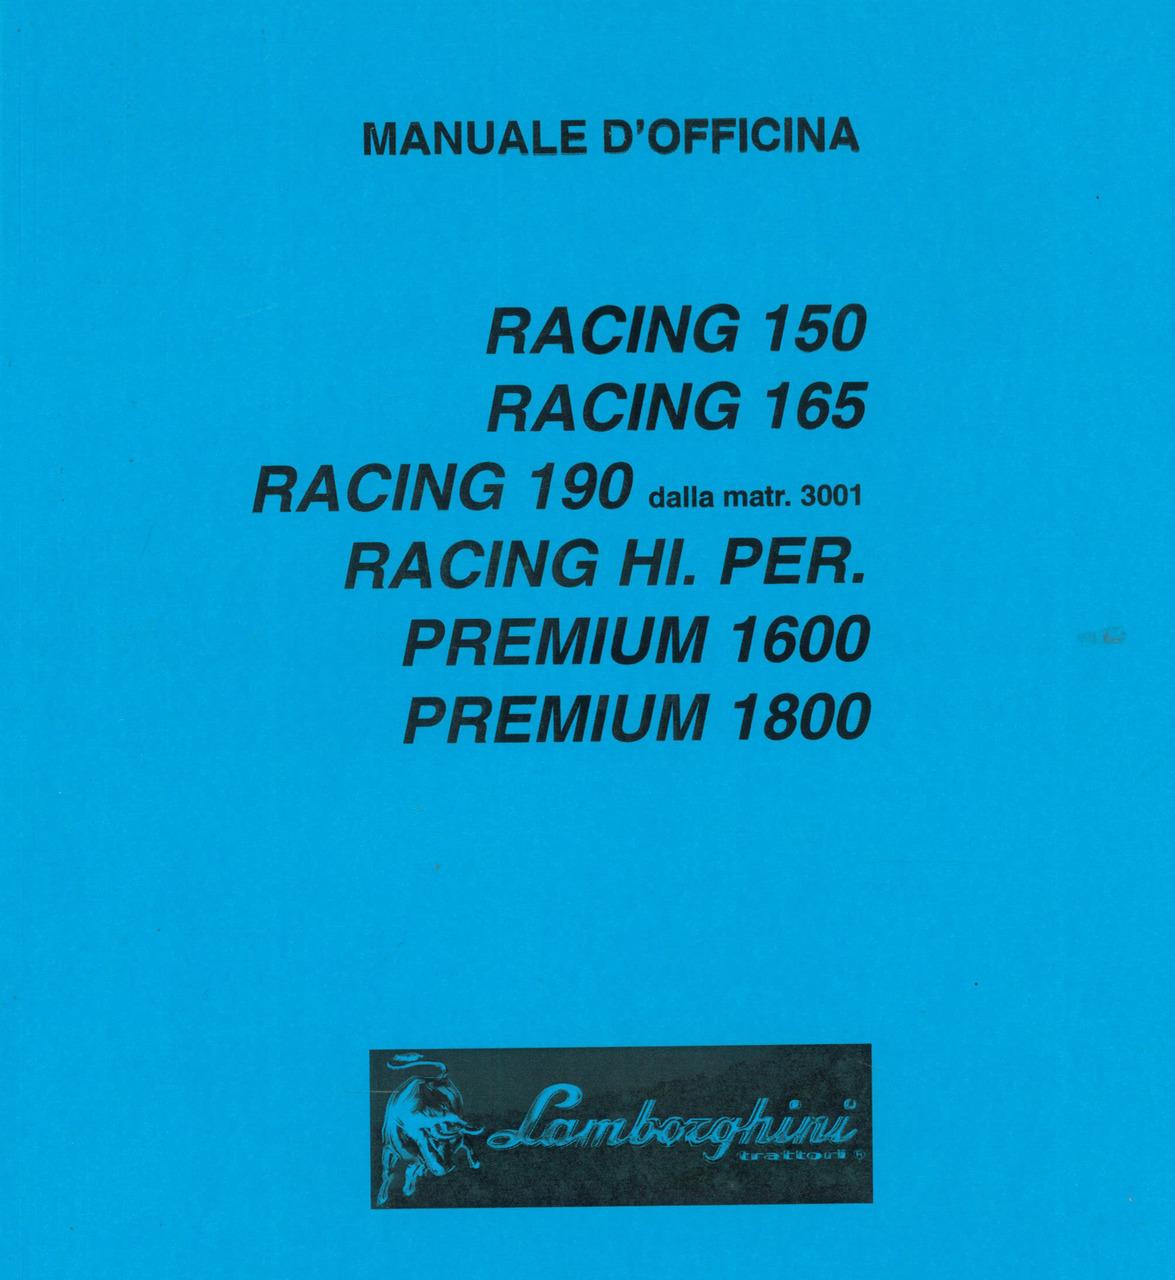 RACING 150 - RACING 165 - RACING 190 dalla matr. 3001 - RACING HI. PER - PREMIUM 1600 - PREMIUM 1800 - Manuale d'officina